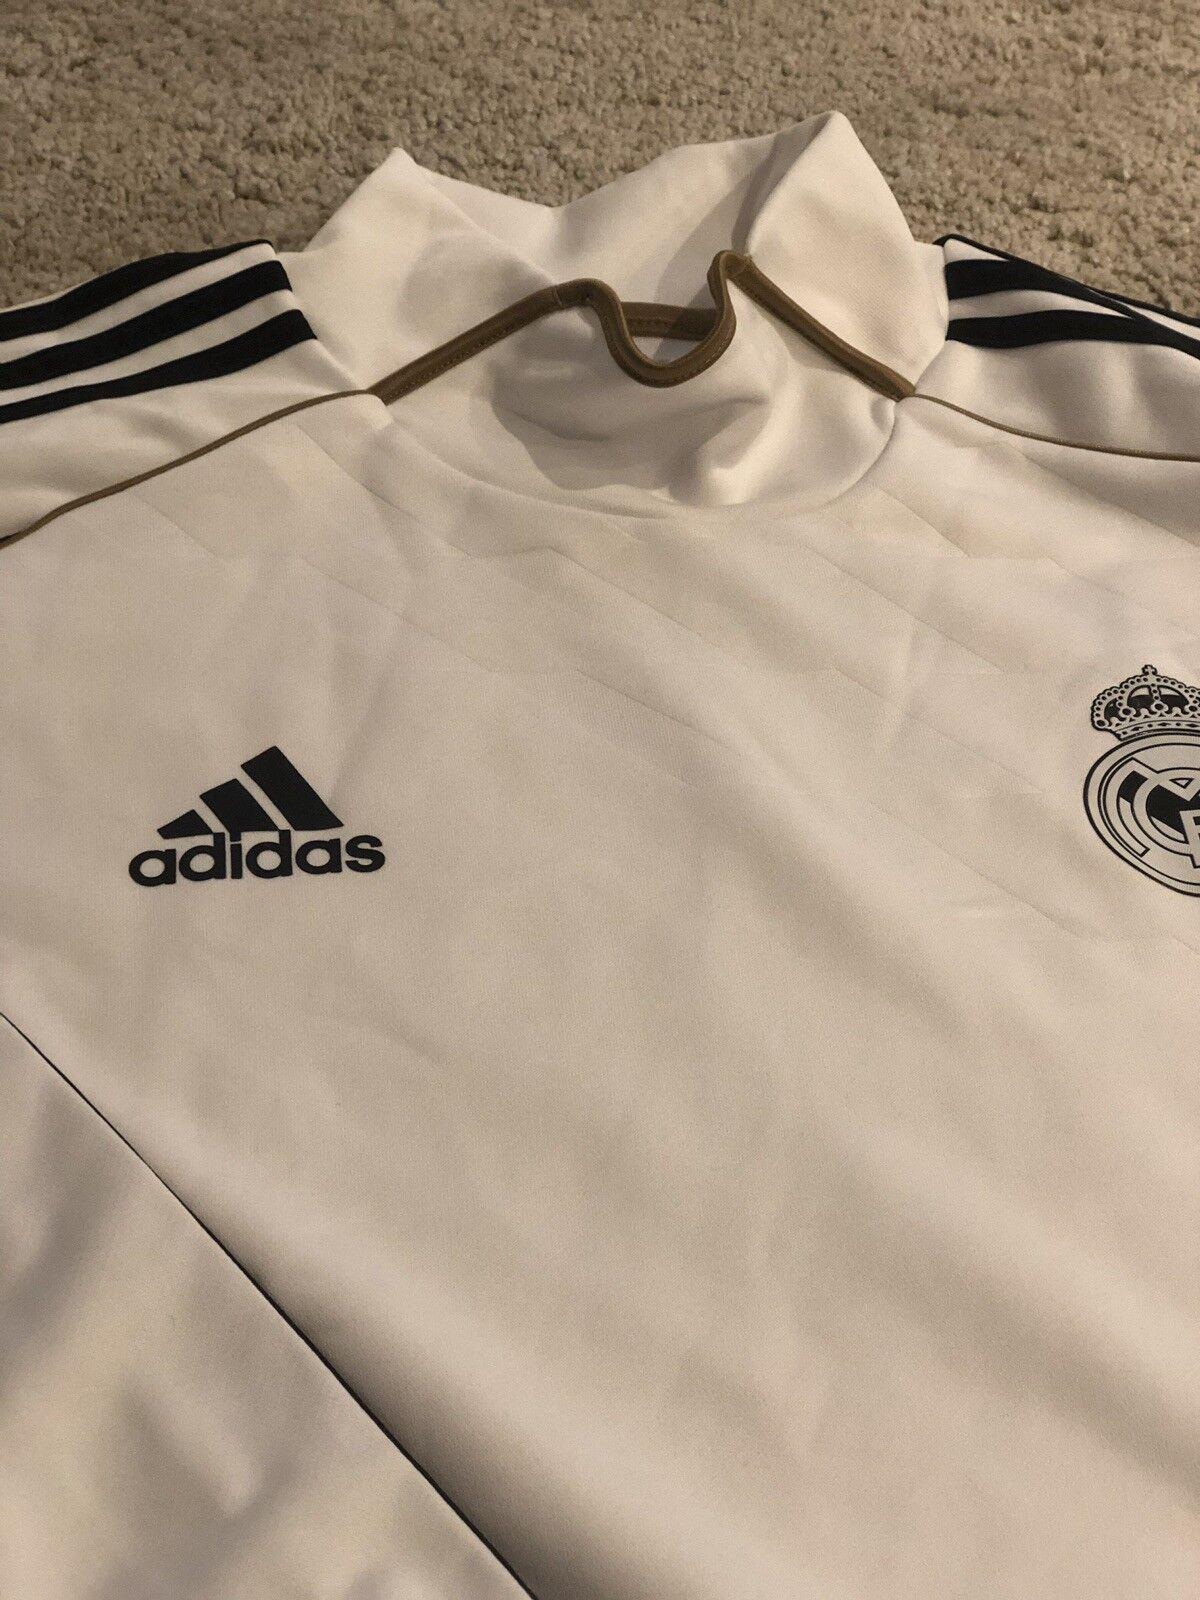 Adidas Herren Trainings Pullover L L L 6f276c